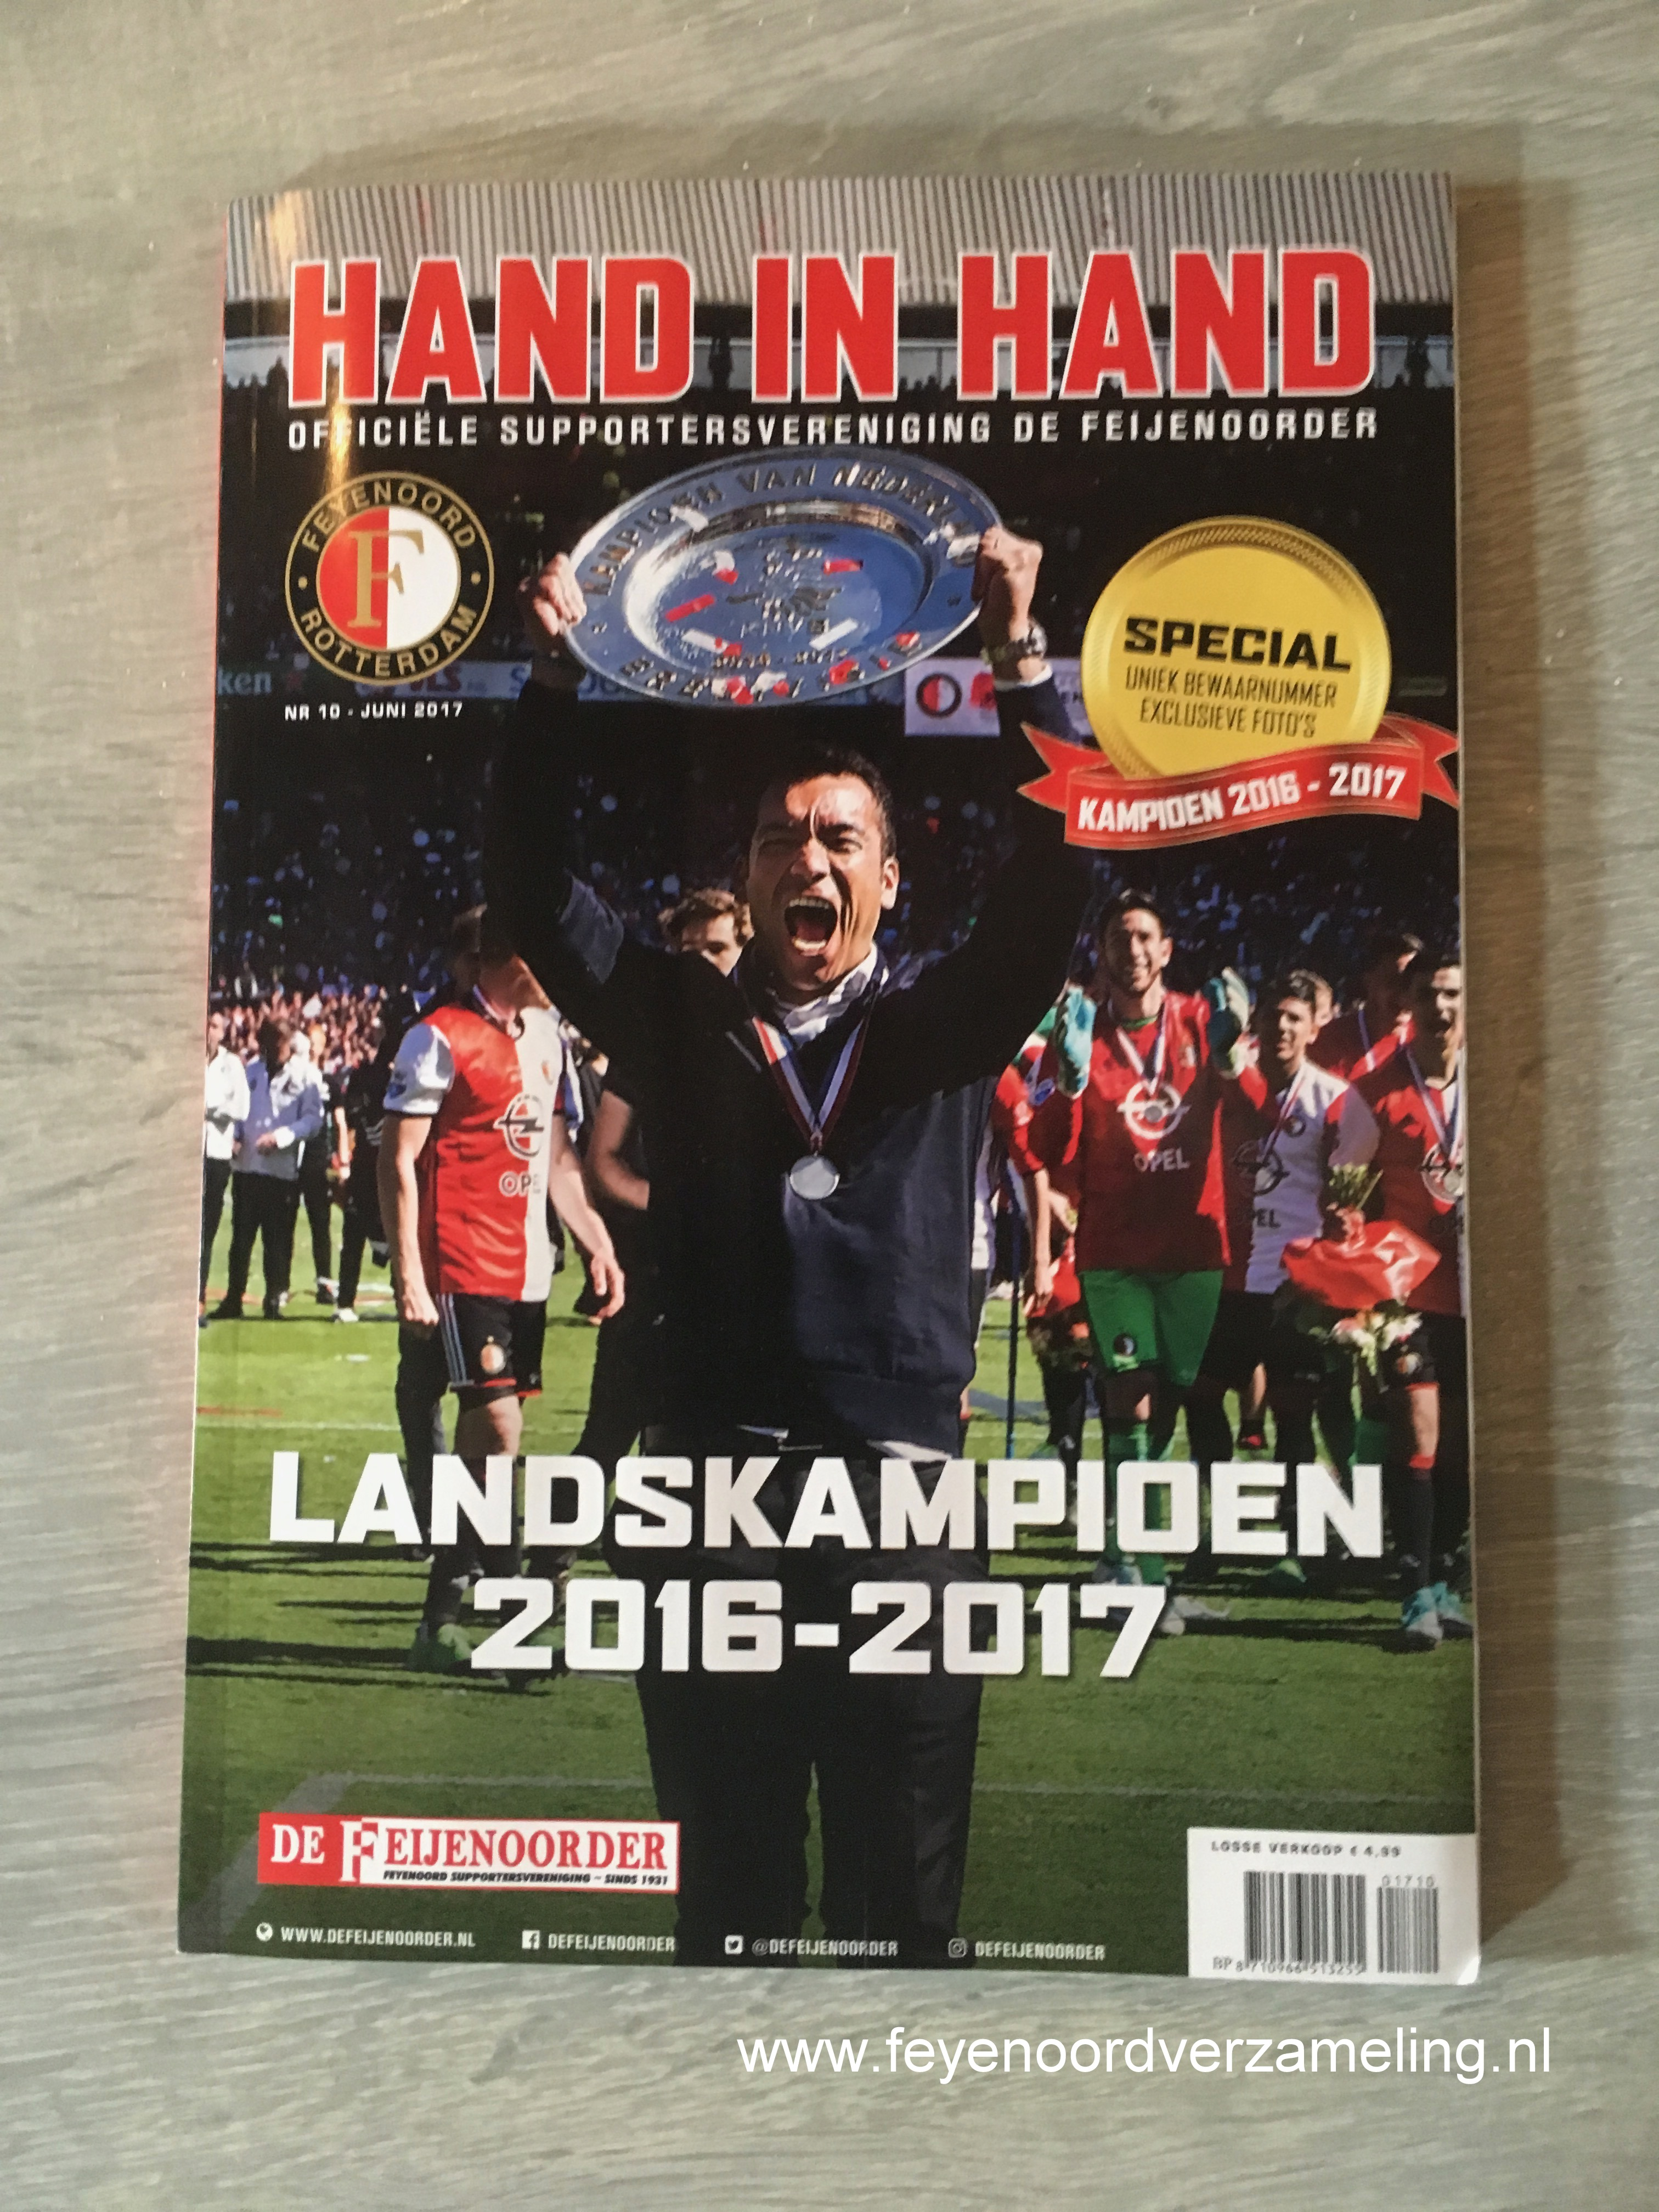 Hand in Hand Kampioensspecial 2016-2017